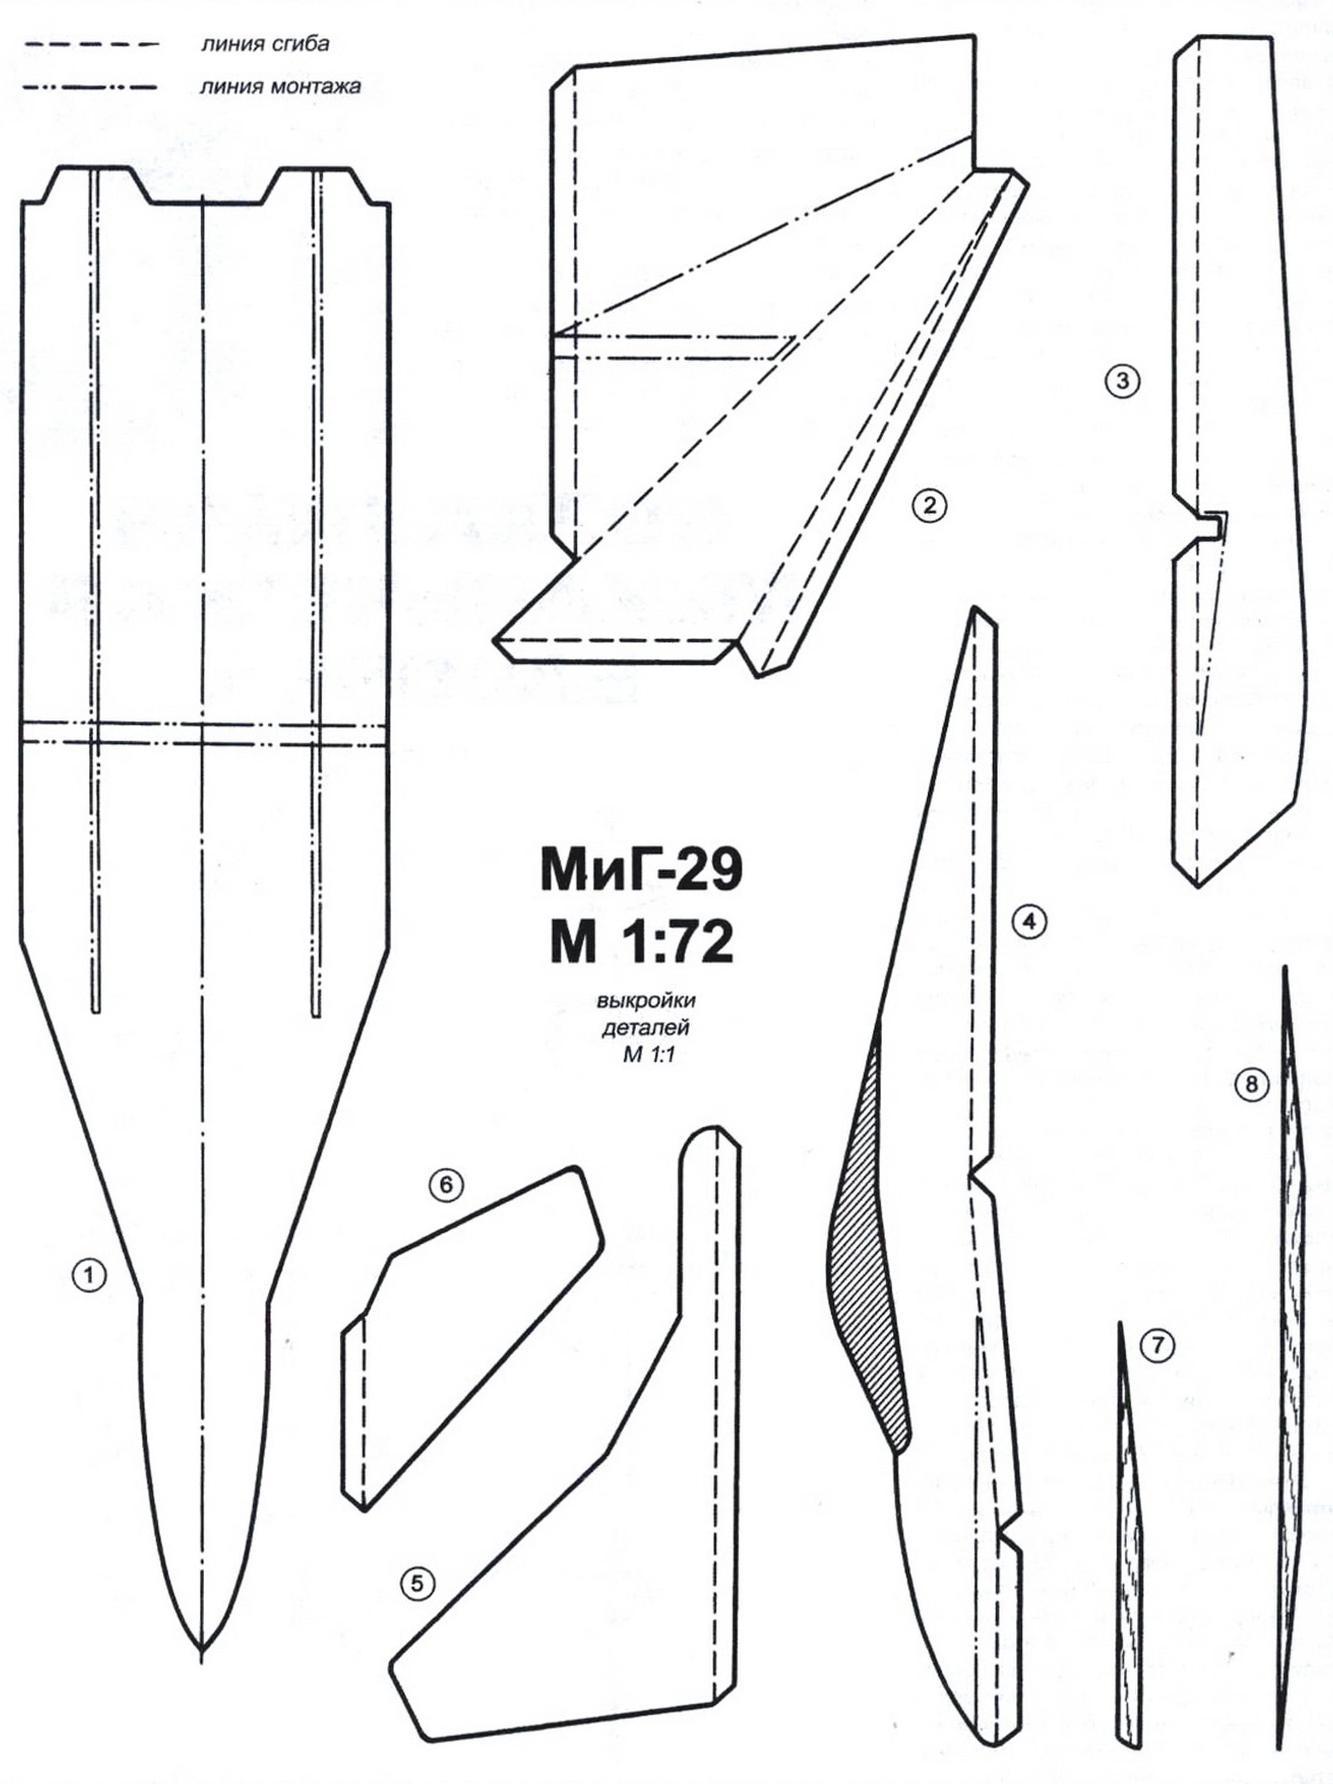 Сборочная схема бумажной полукопии МиГ-29